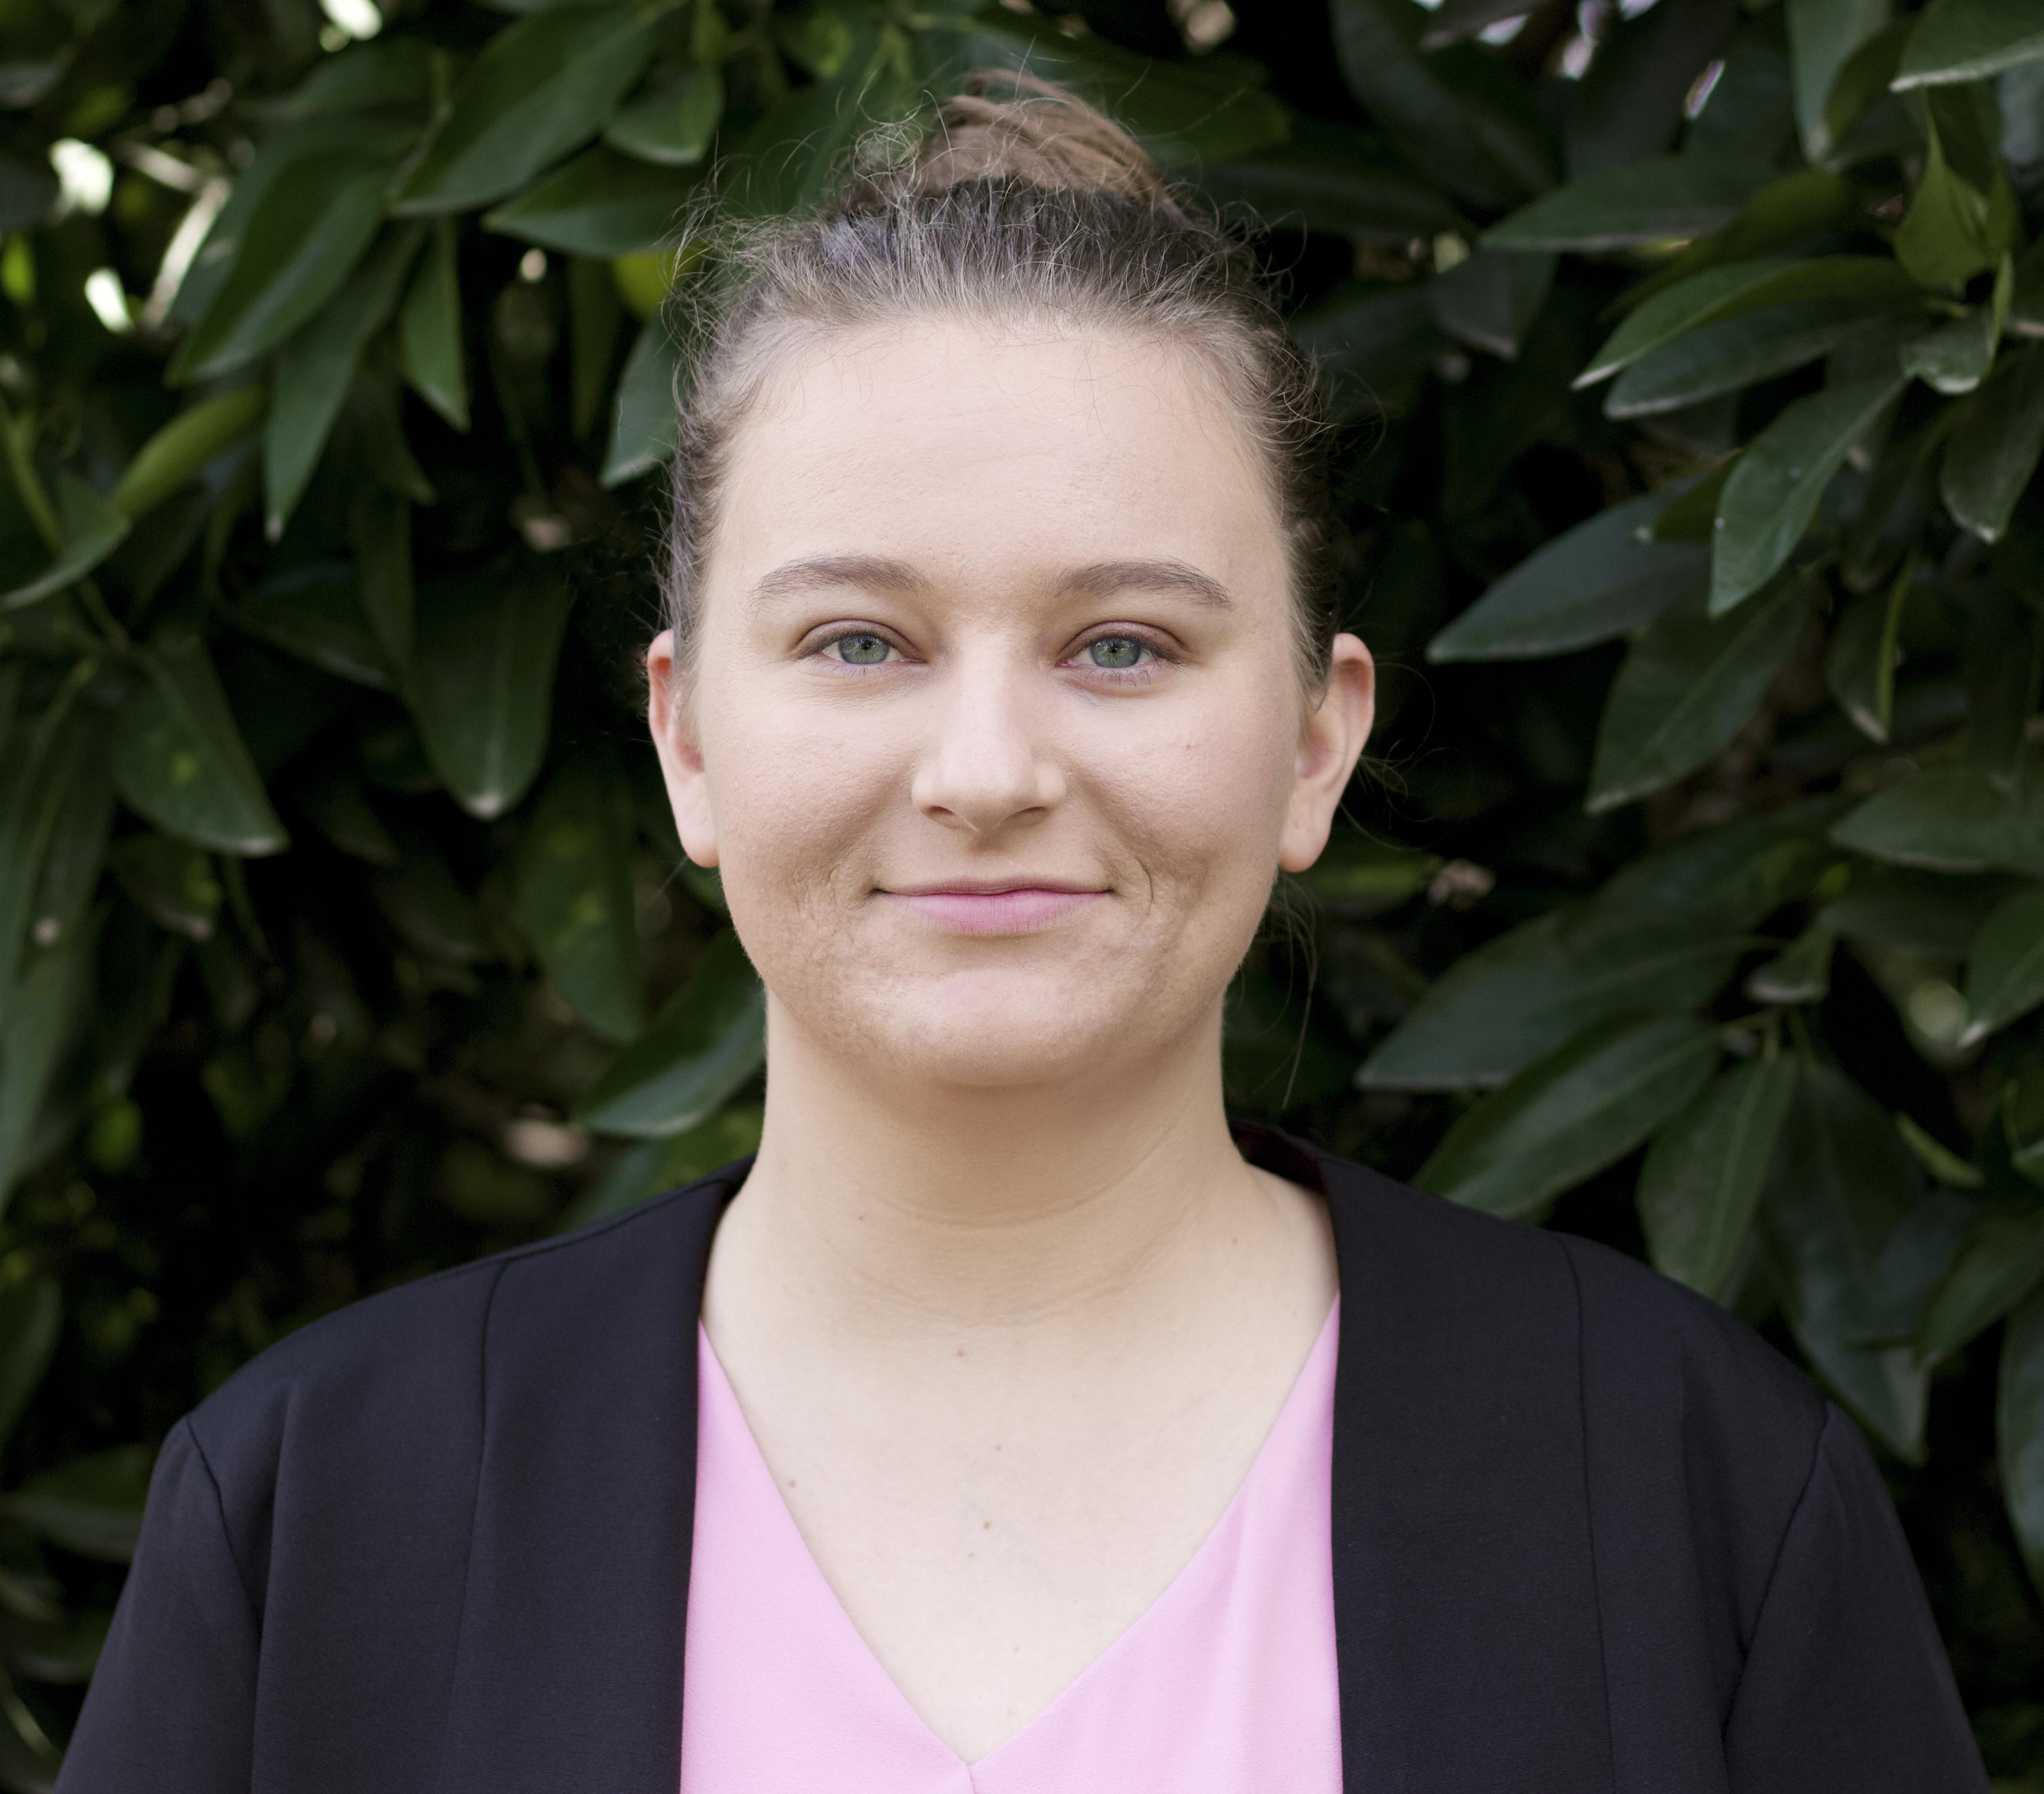 Samantha Edlin-Burke